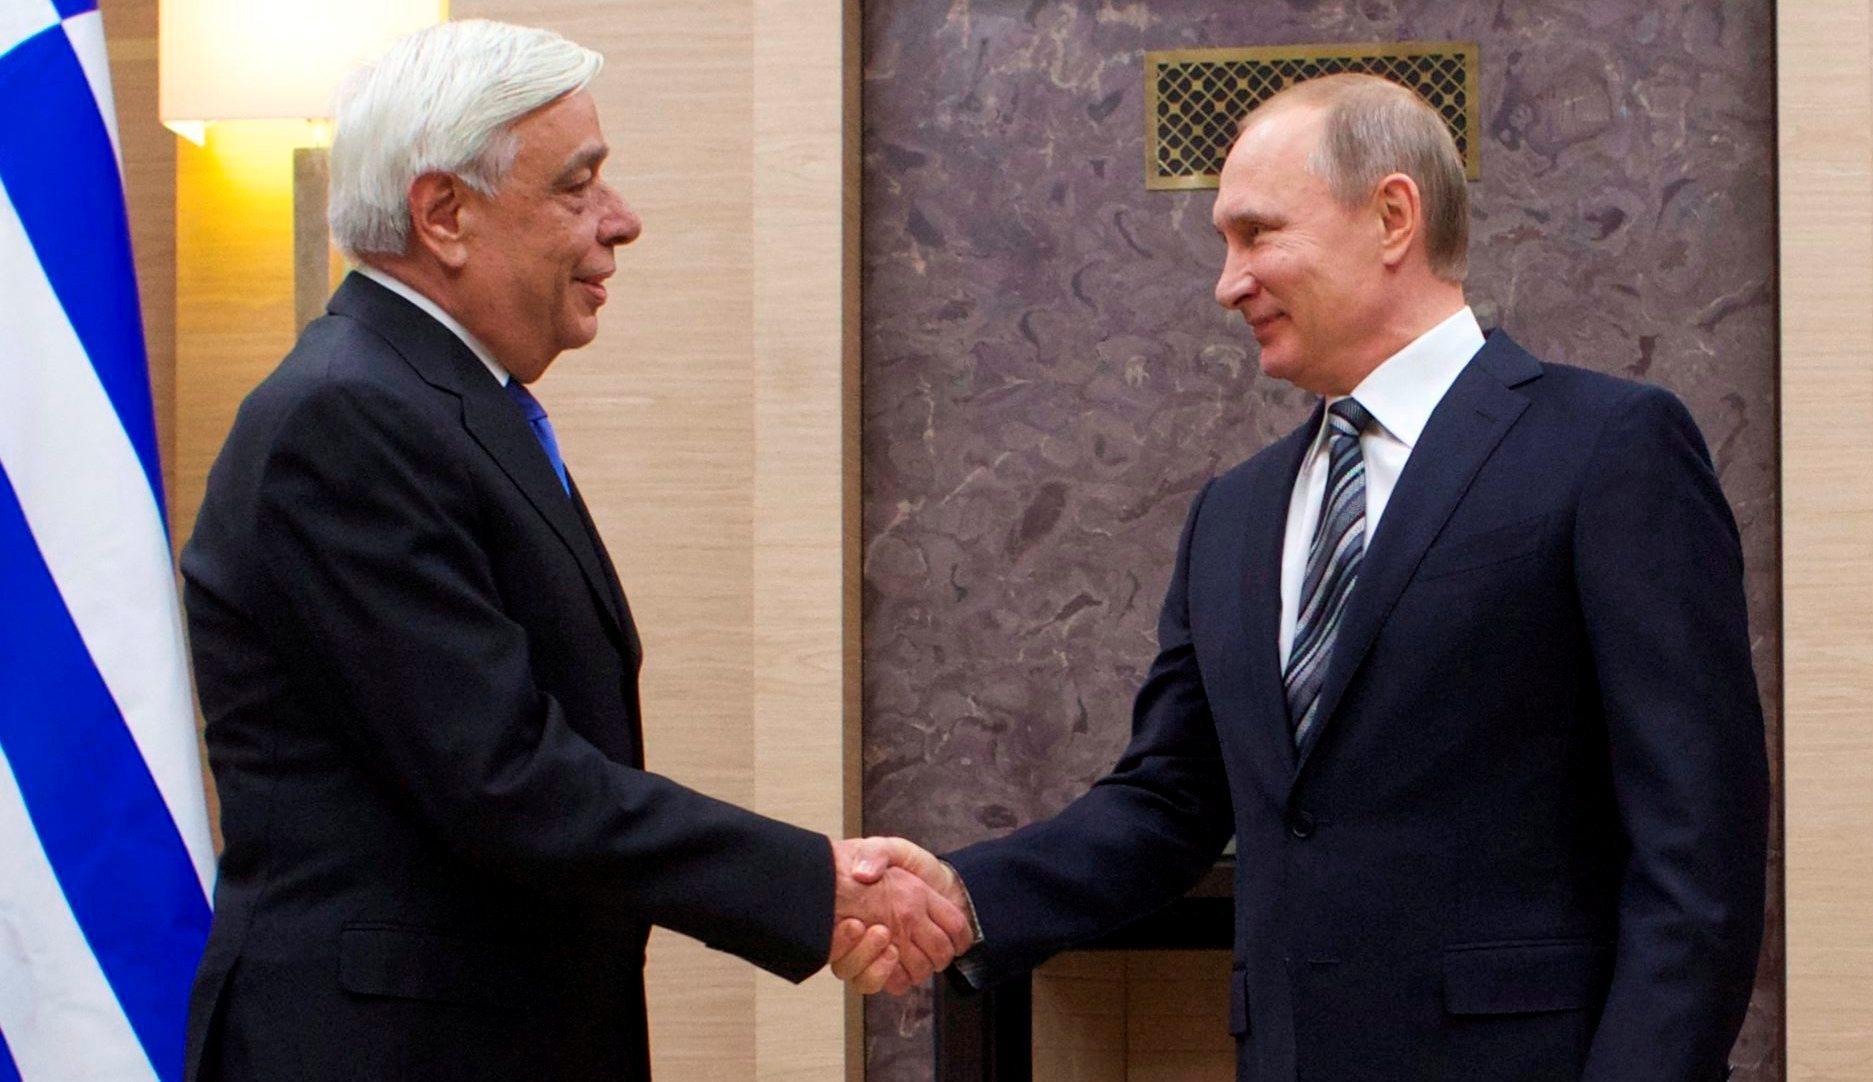 Греция выдворяет 2-х дипломатов Российской Федерации, Москва ответит зеркально